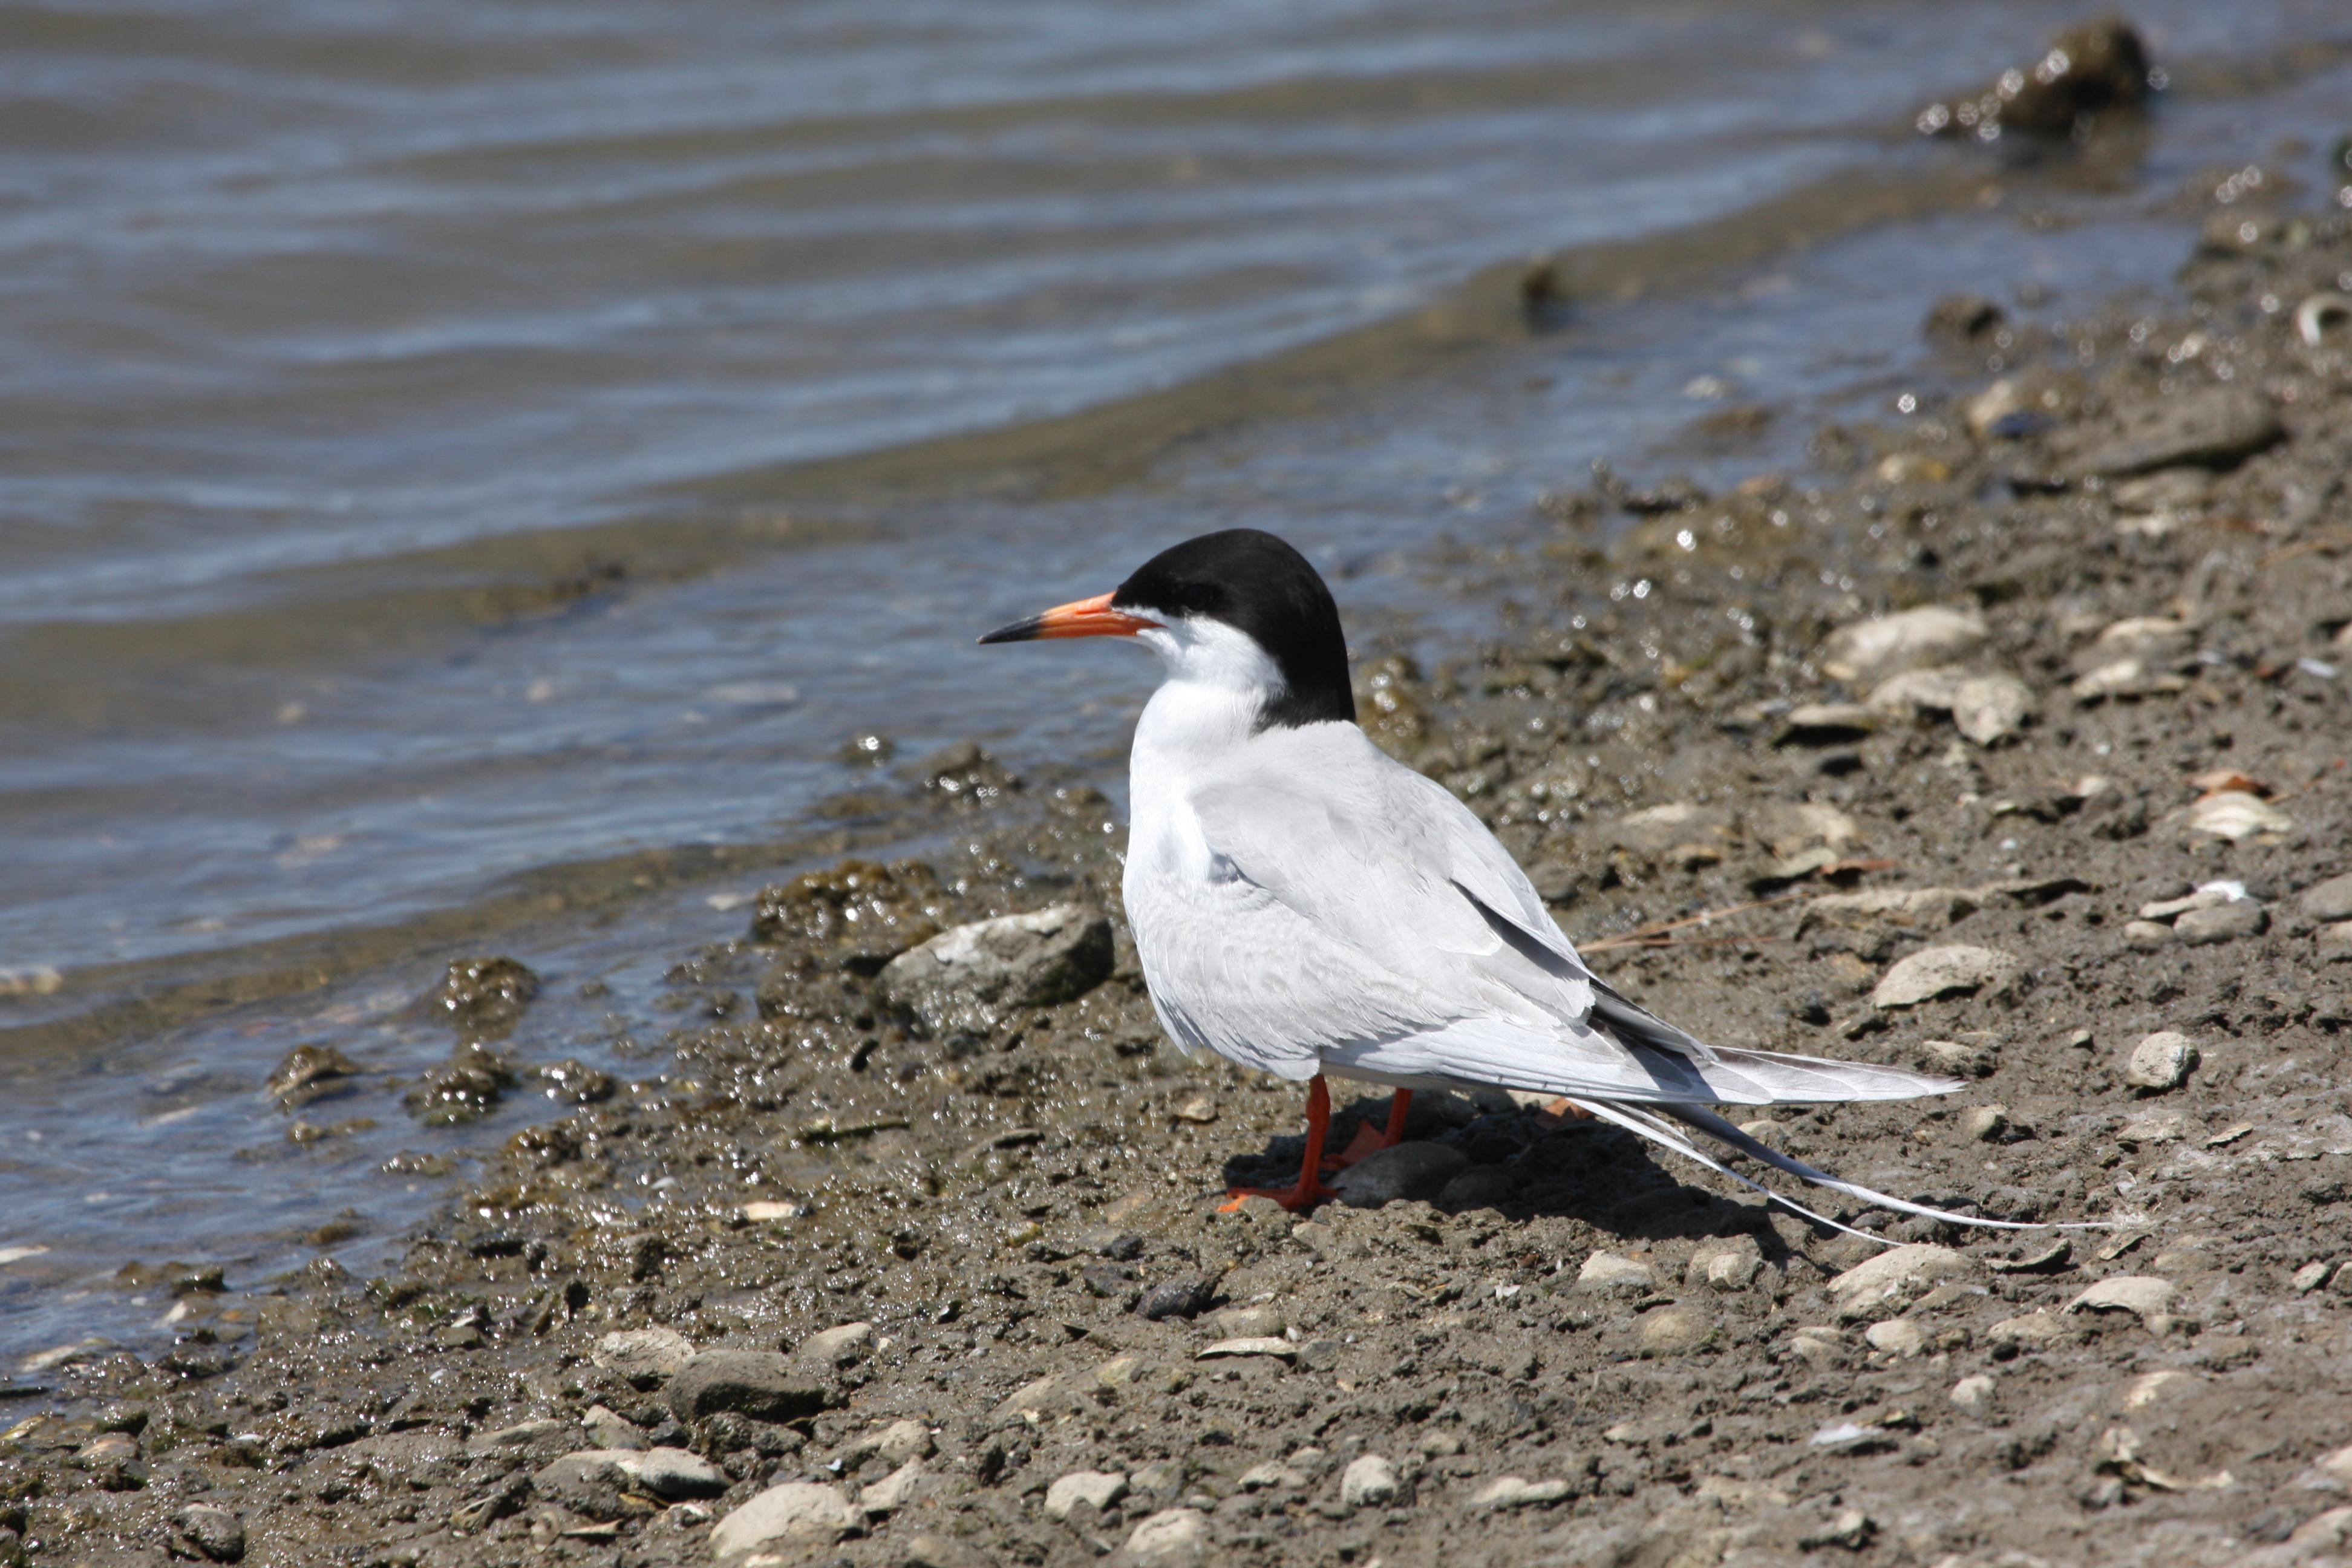 Bird on the shore photo